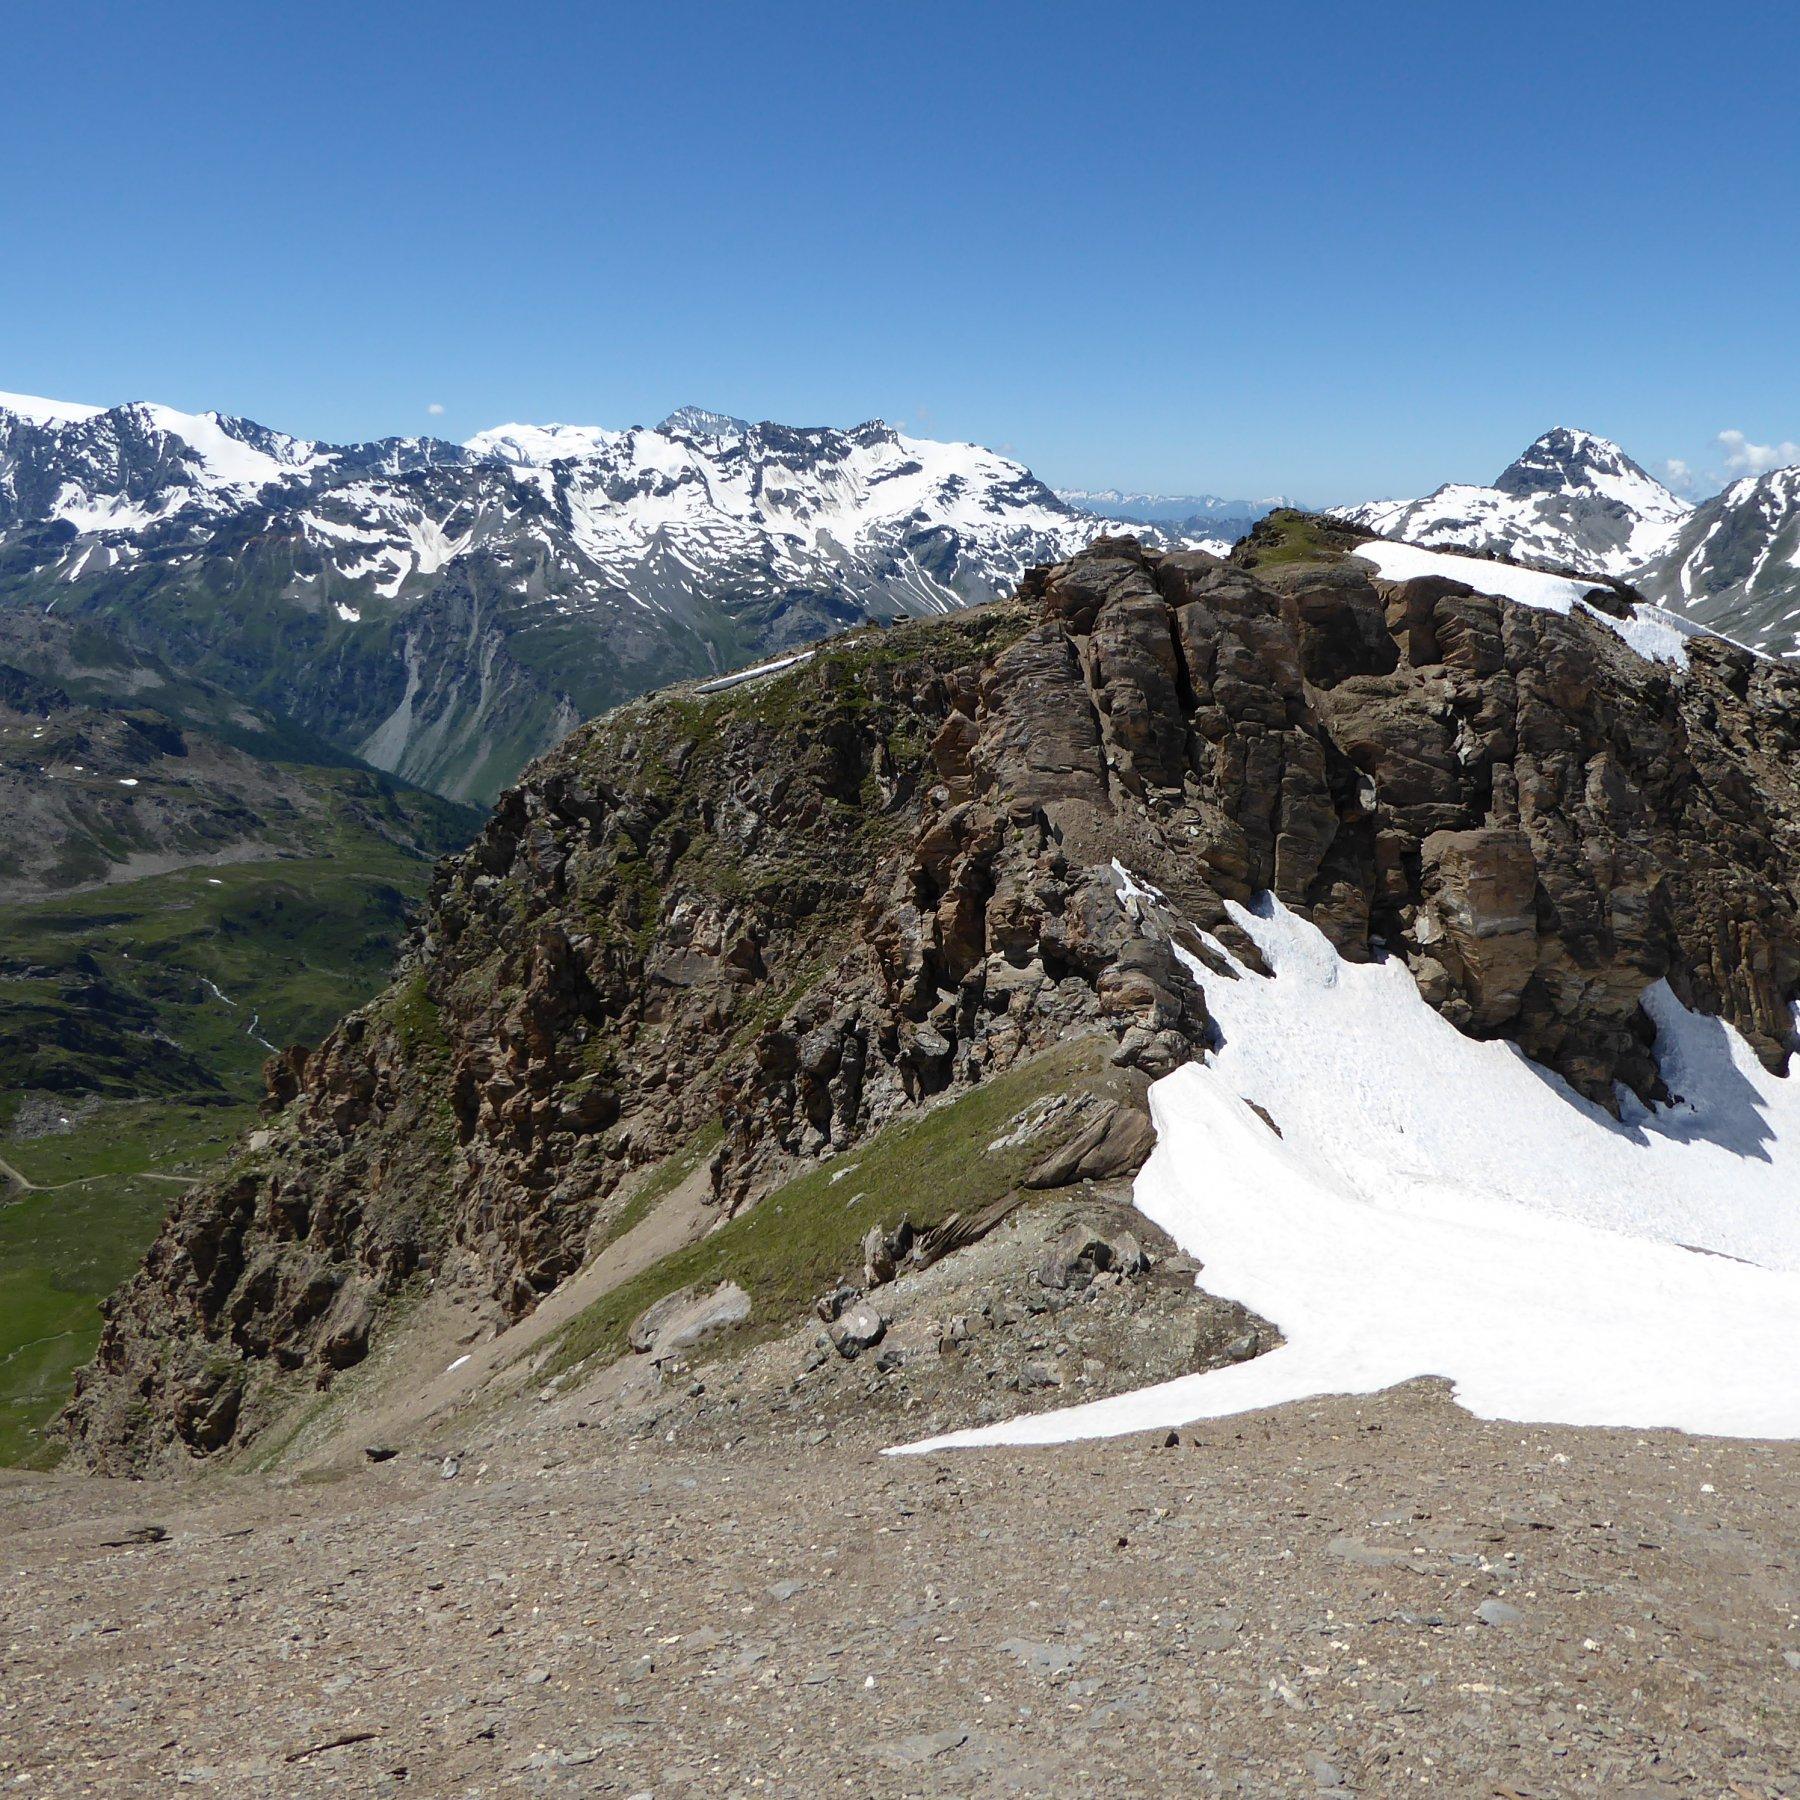 il colletto a 2980 metri, da cui si scende il ripido pendio a sinistra